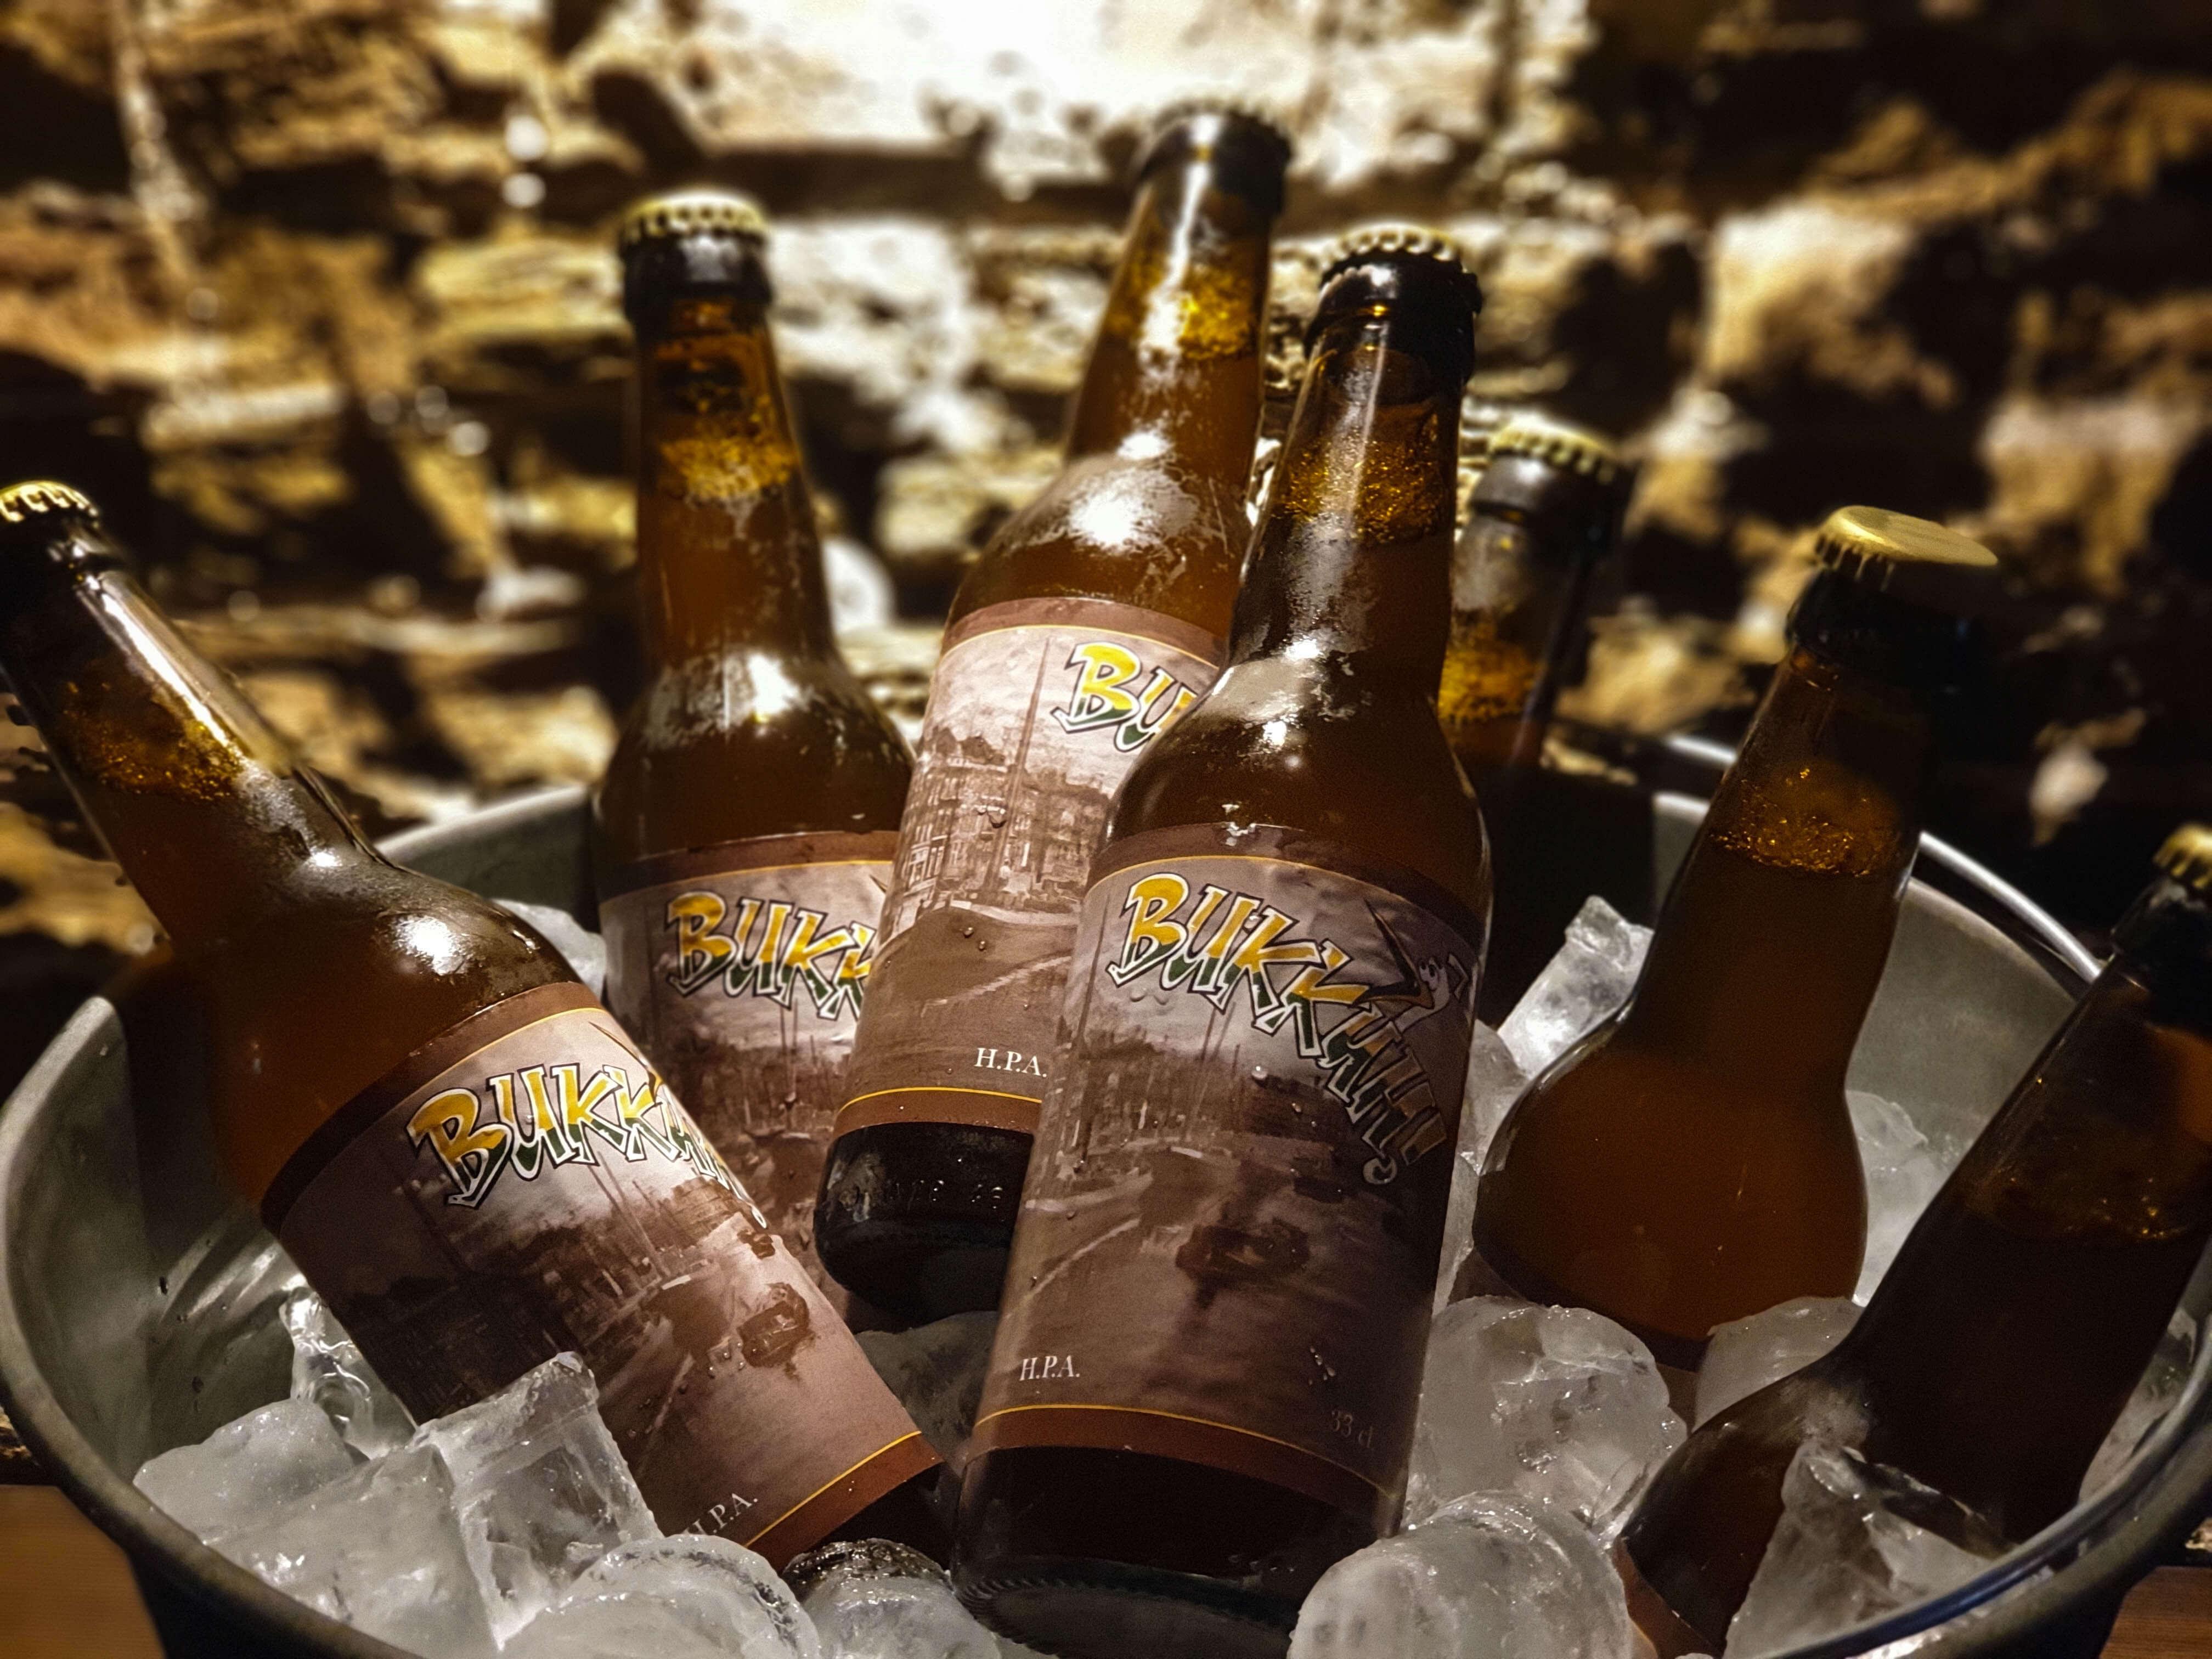 Bukkûh bier tijdens de biervaart